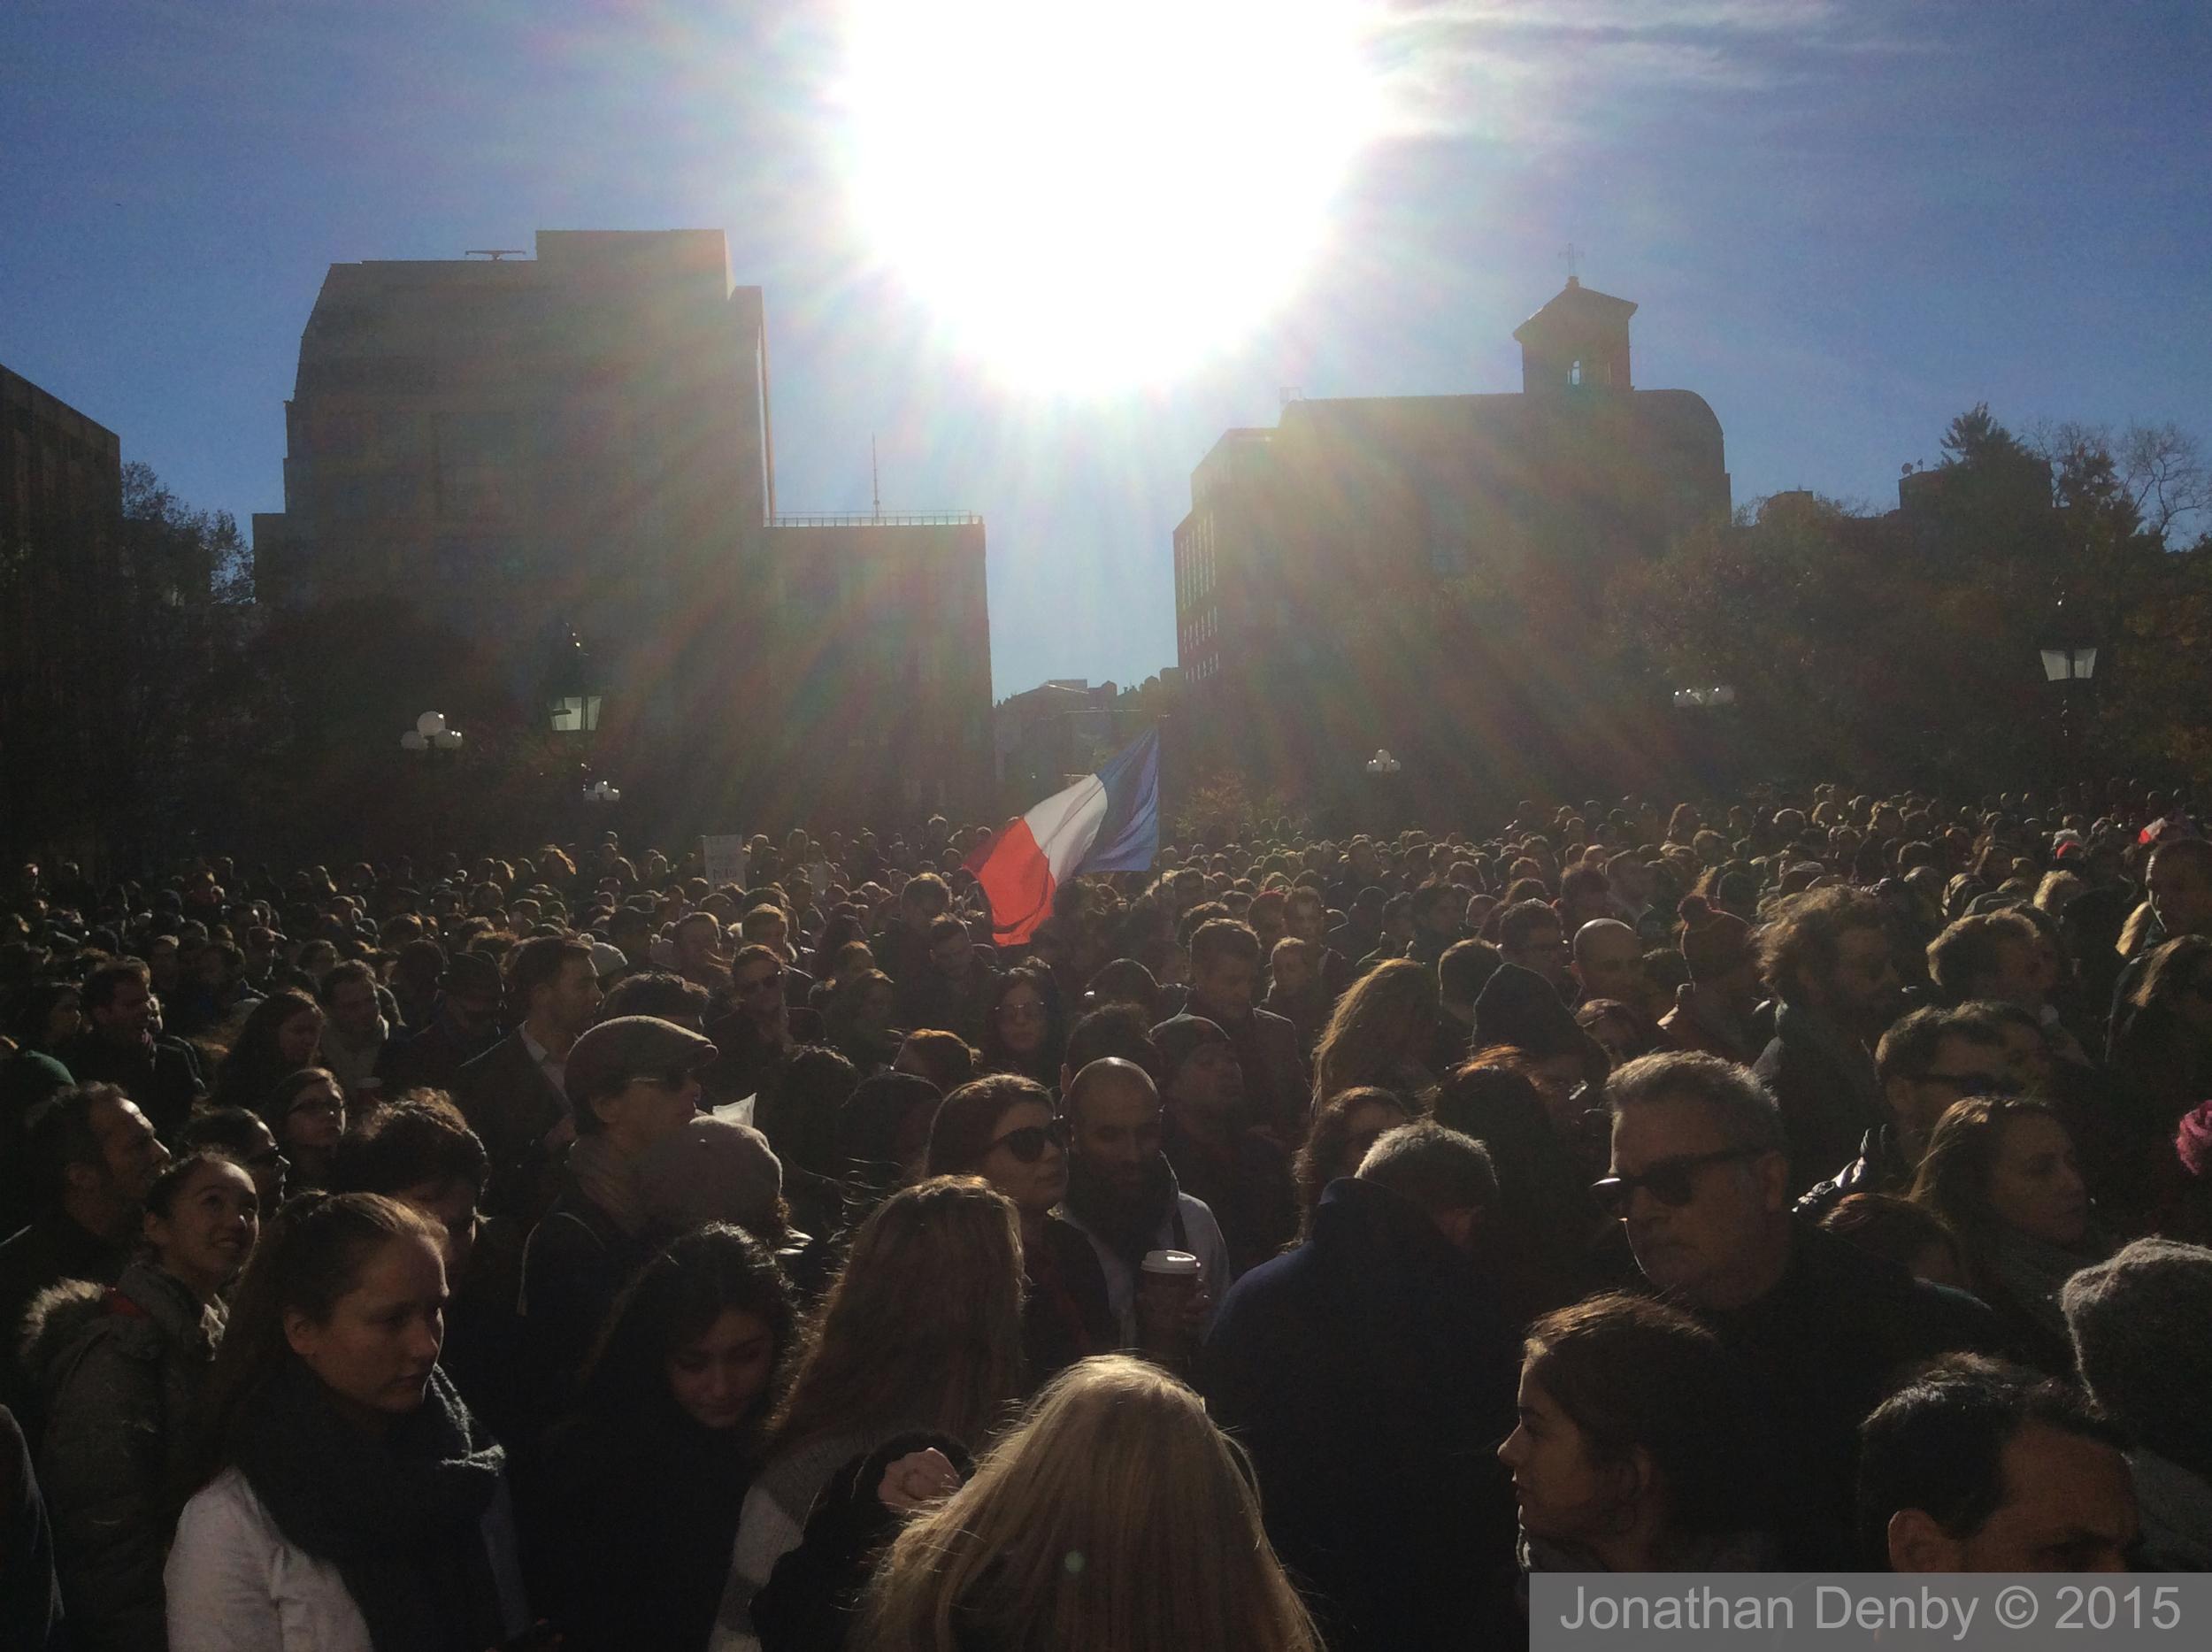 ParisAttackVigil_9_17_15 7.jpg